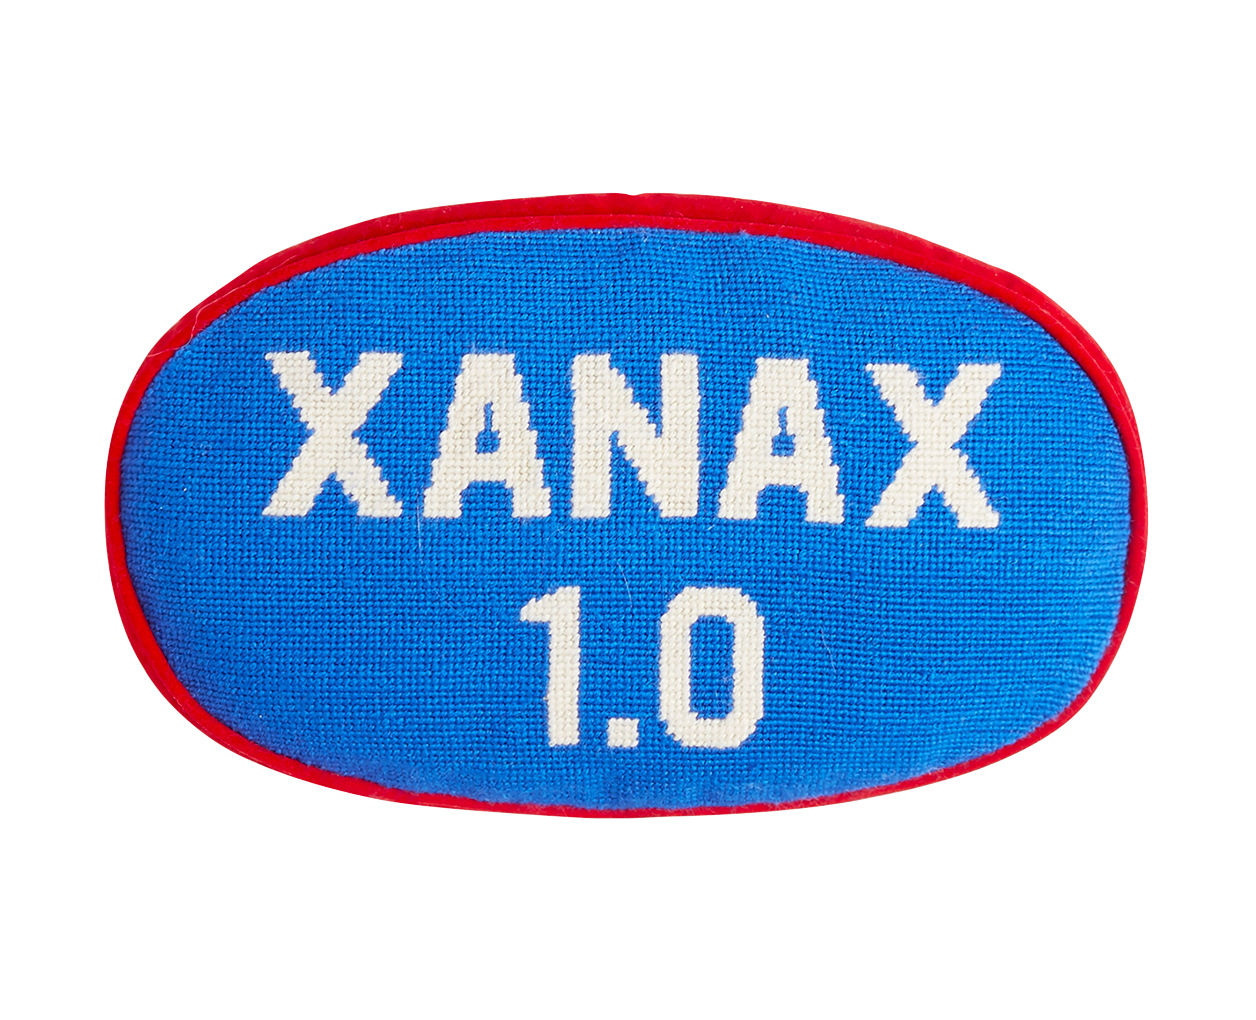 Déco - Coussins - Coussin Xanax / 33 x 22 cm - Brodé main - Jonathan Adler - Xanax / Bleu -  Duvet,  Plumes, Laine, Velours